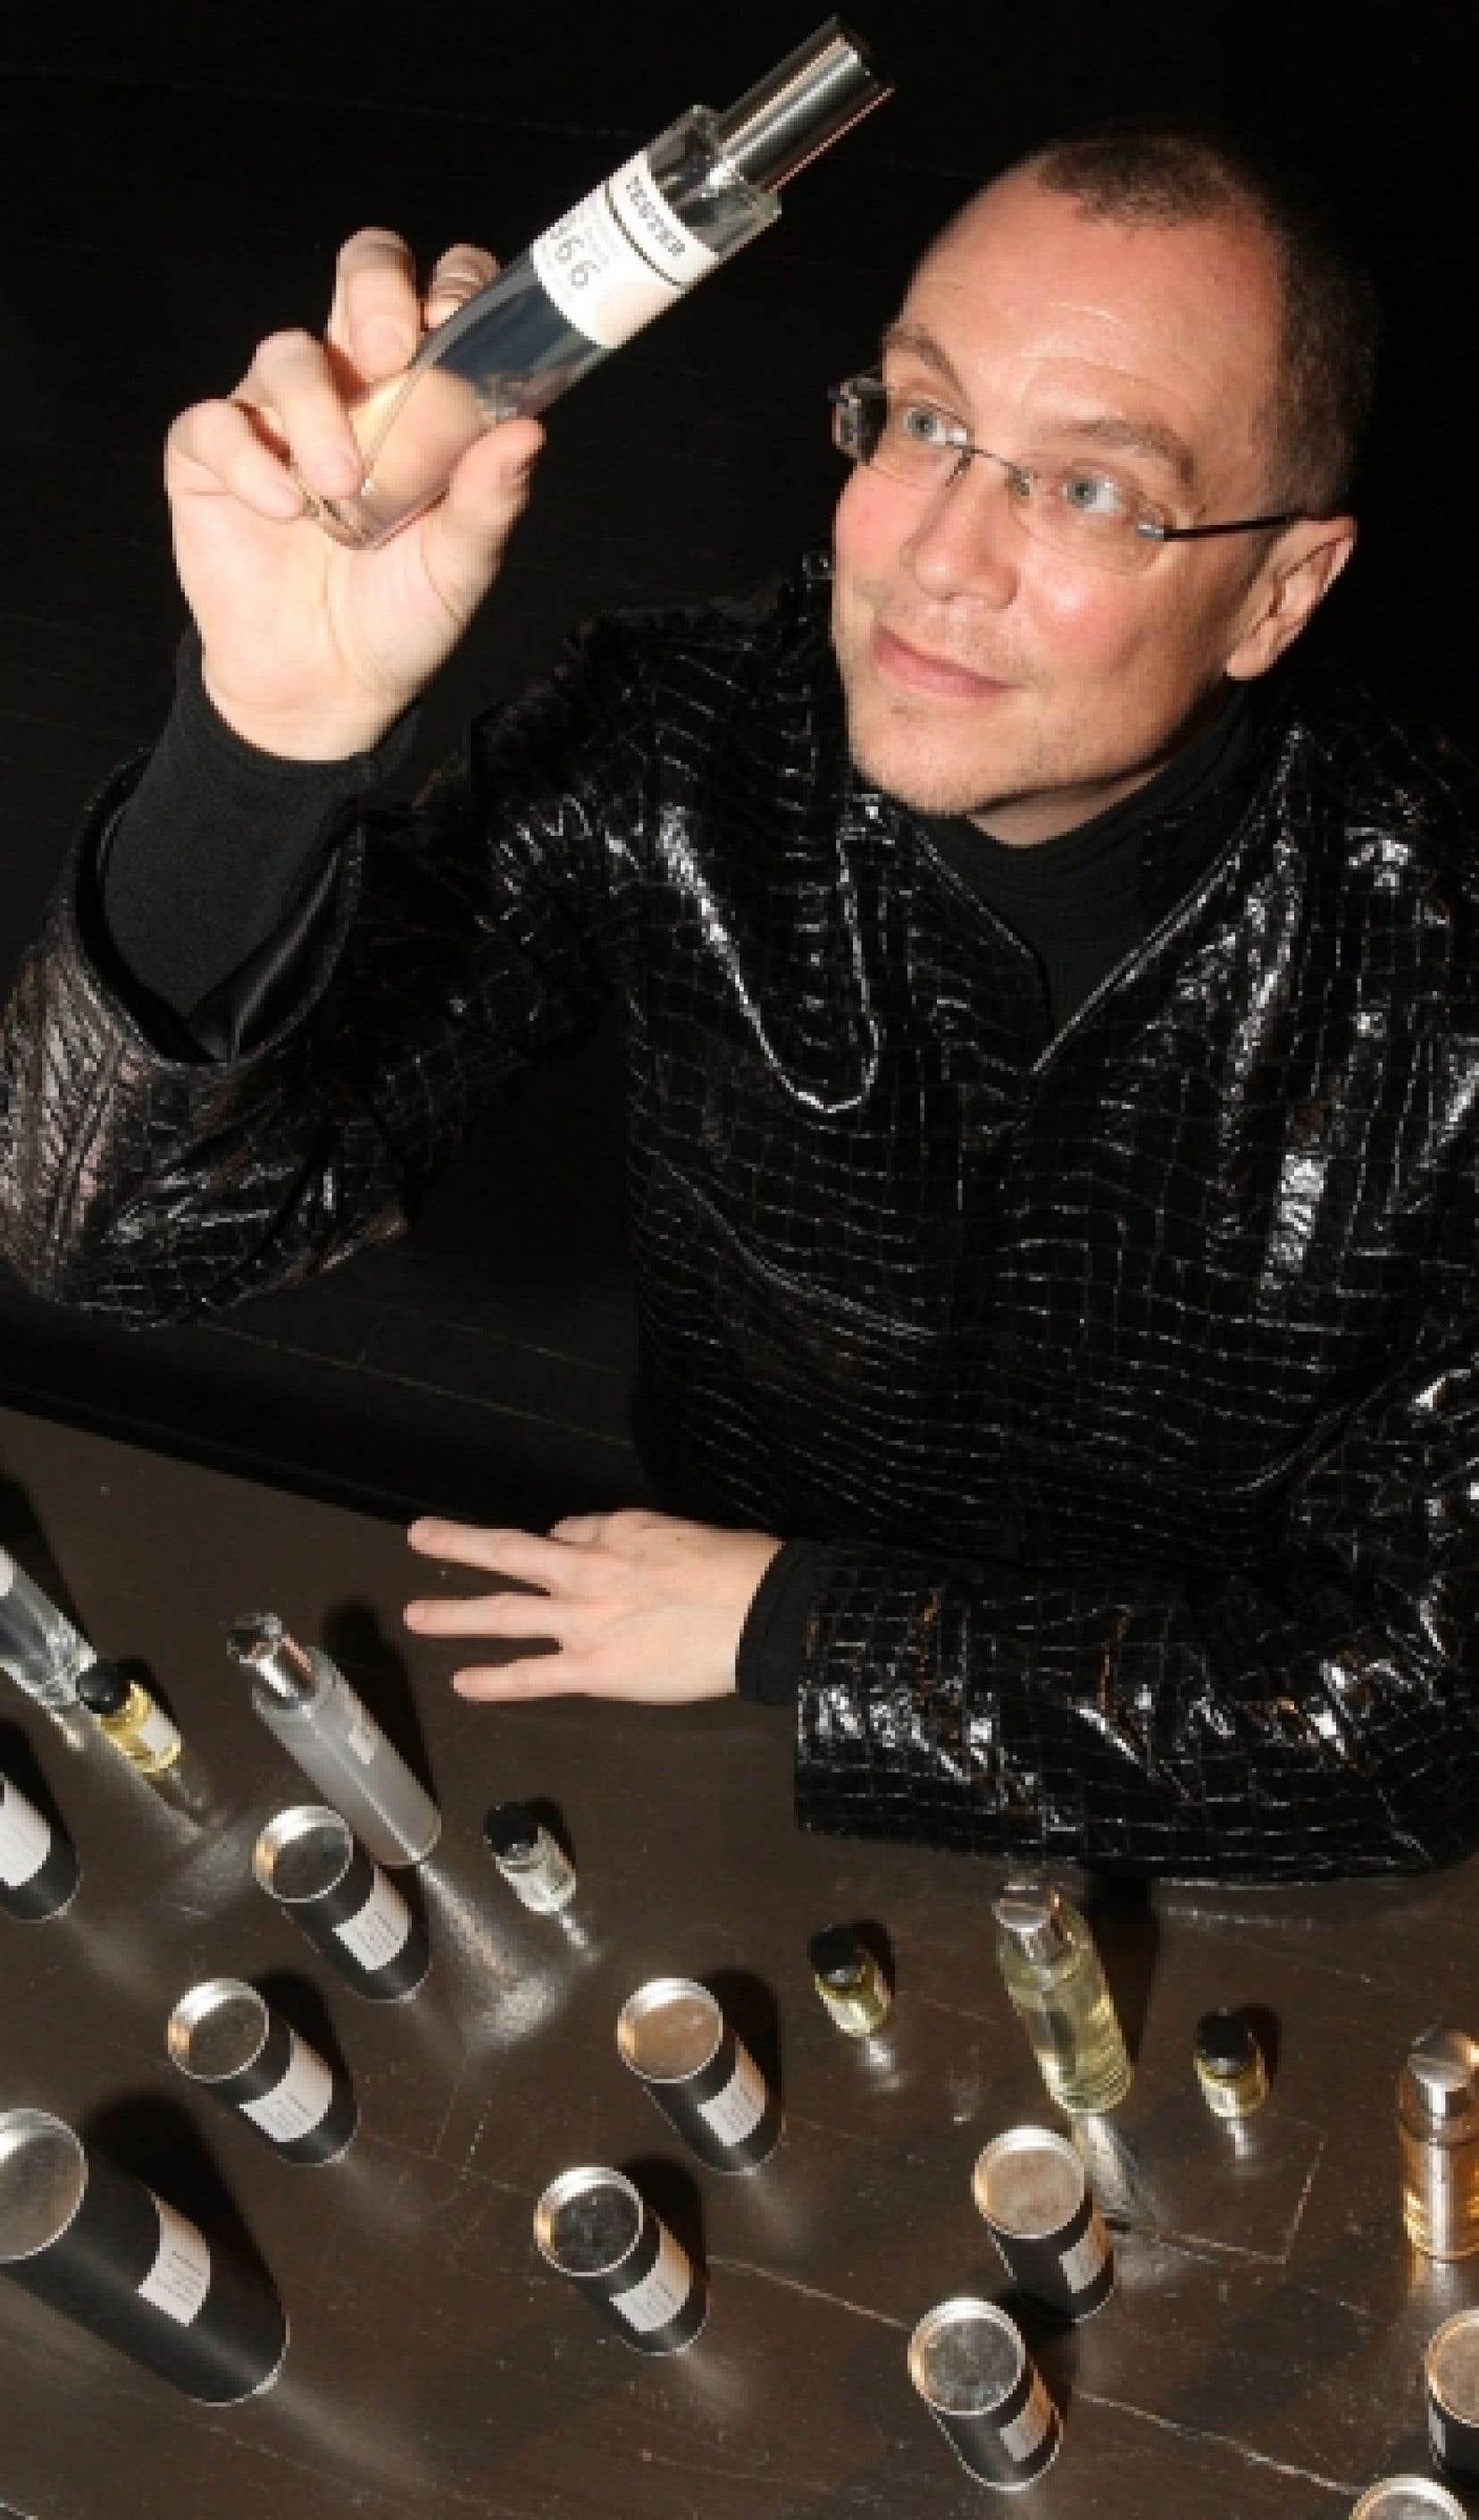 La collection d'odeurs CB I Hate Perfume (Je hais le parfum) place le créateur d'odeurs Christopher Brosius comme un artiste à part entière.